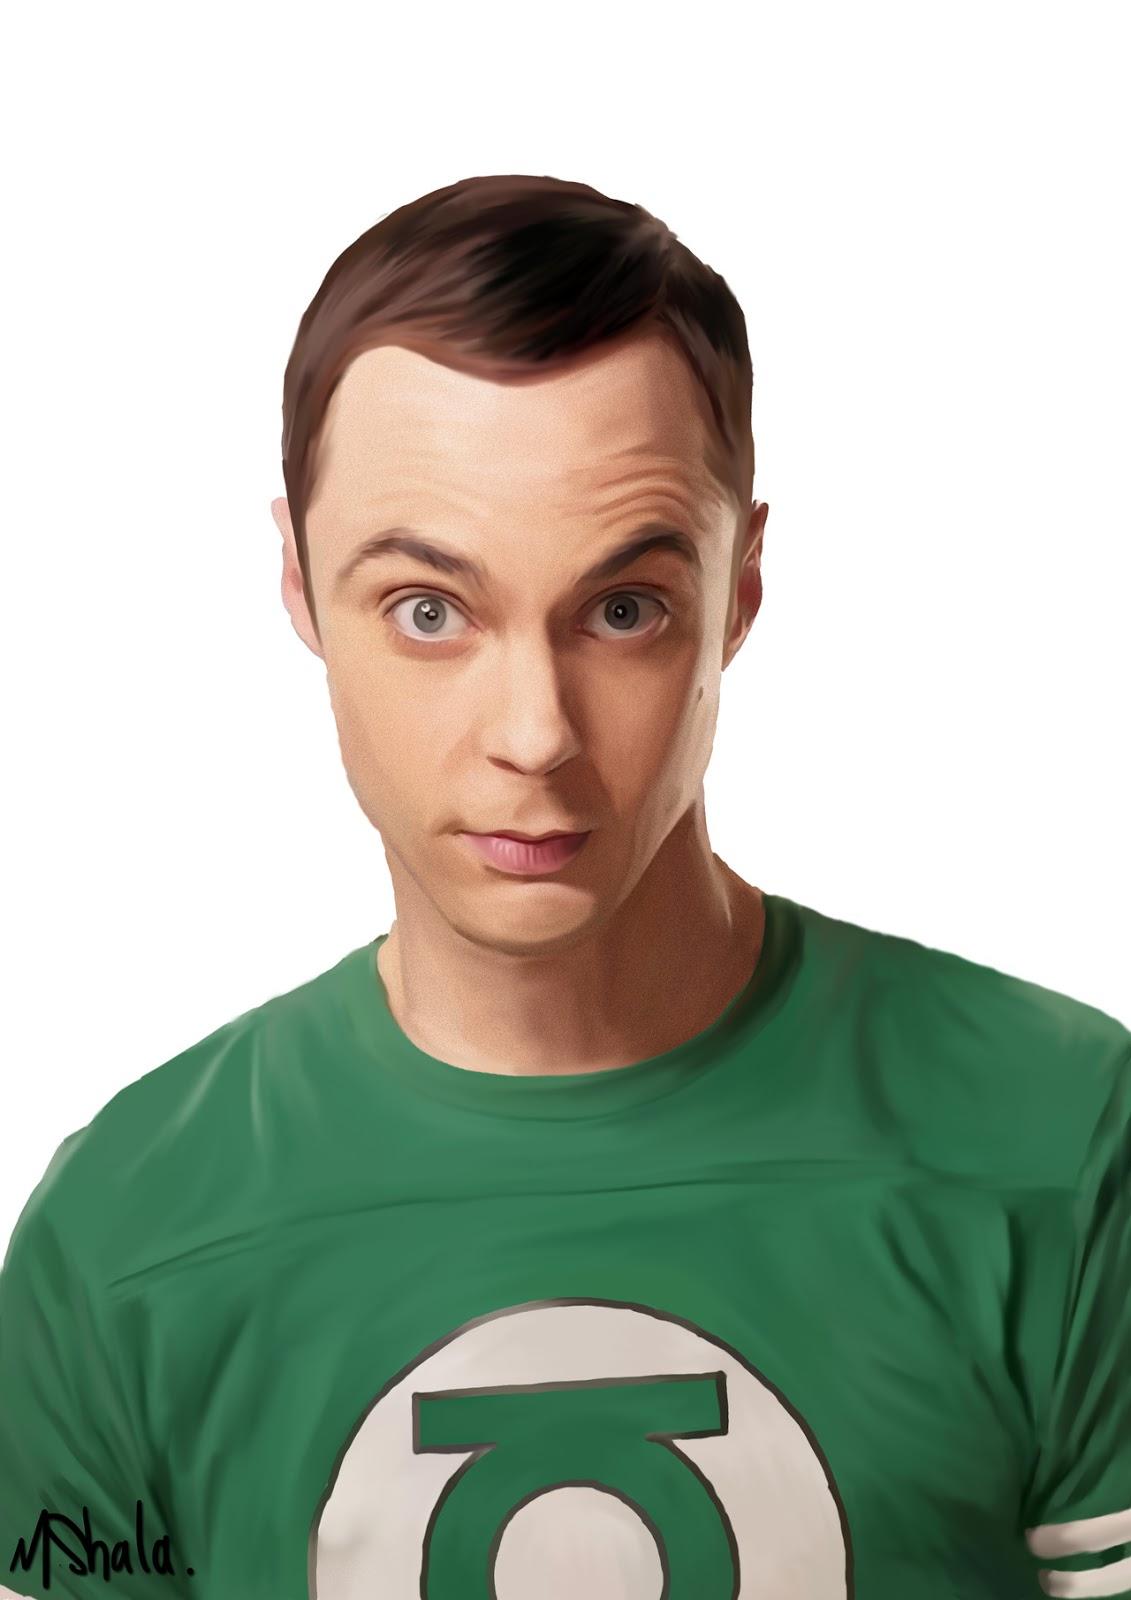 Sheldon+Cooper....